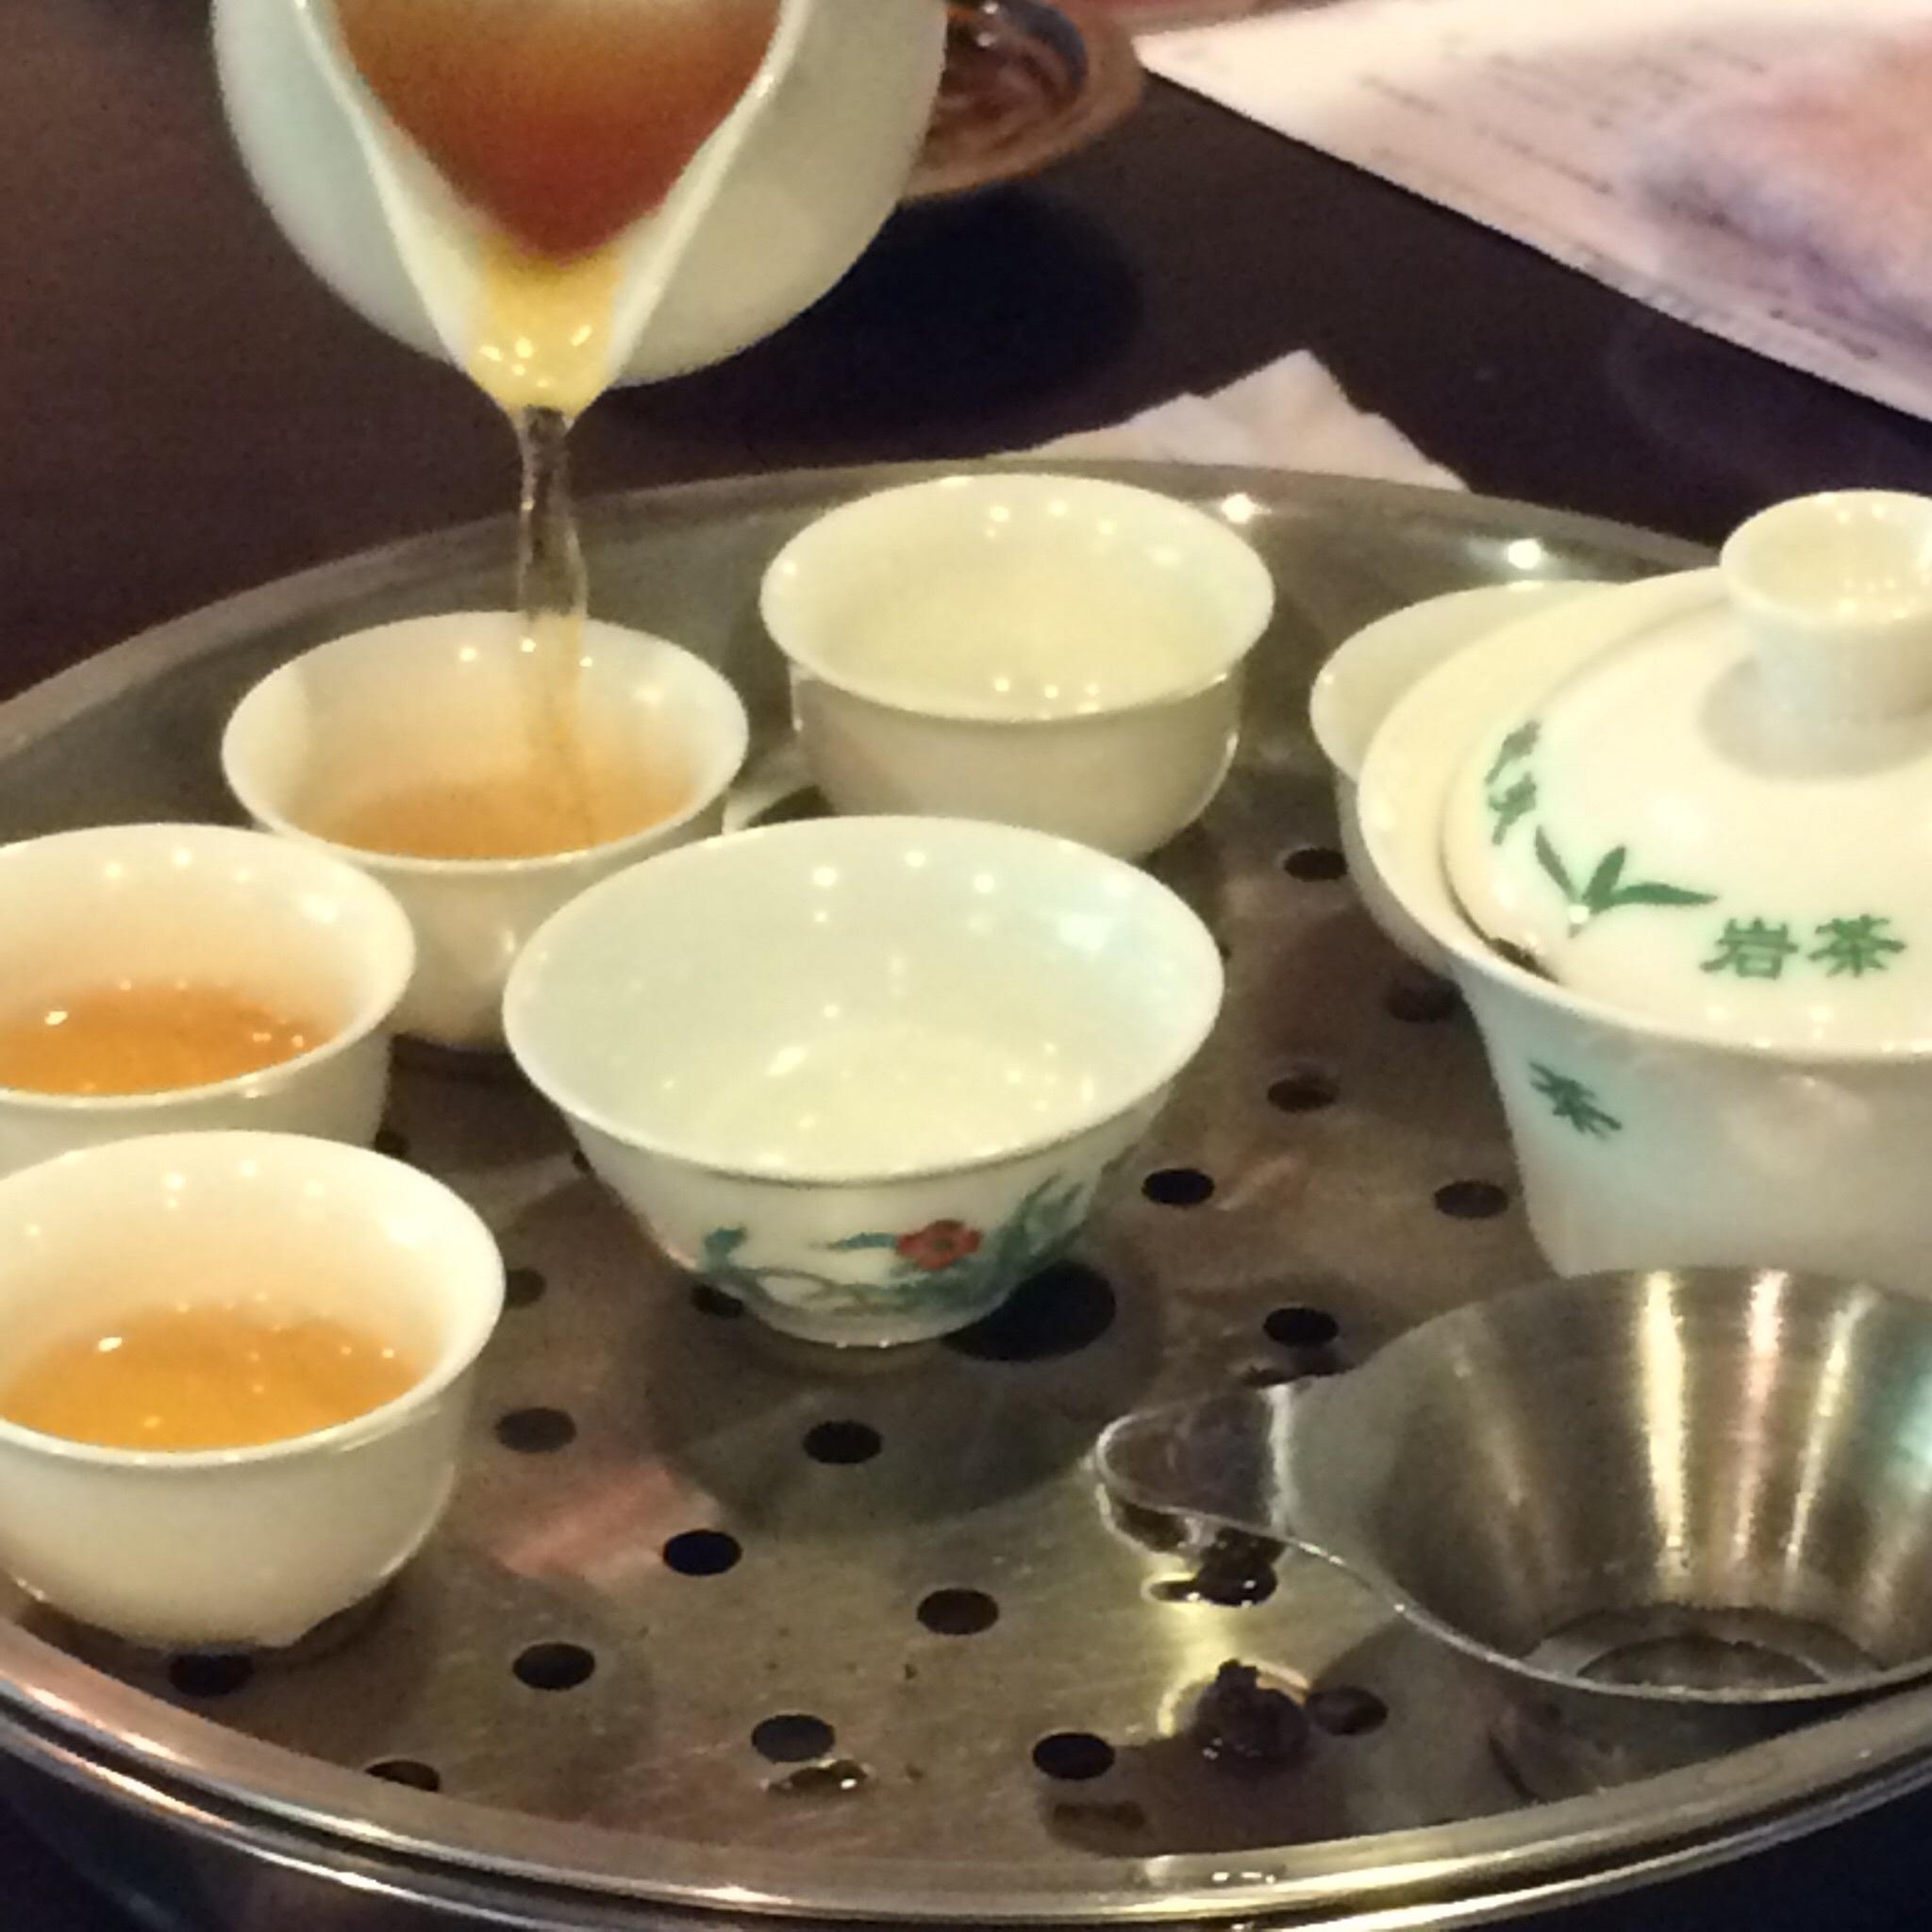 中国茶教室追加募集のお知らせ_d0293004_13435244.jpg